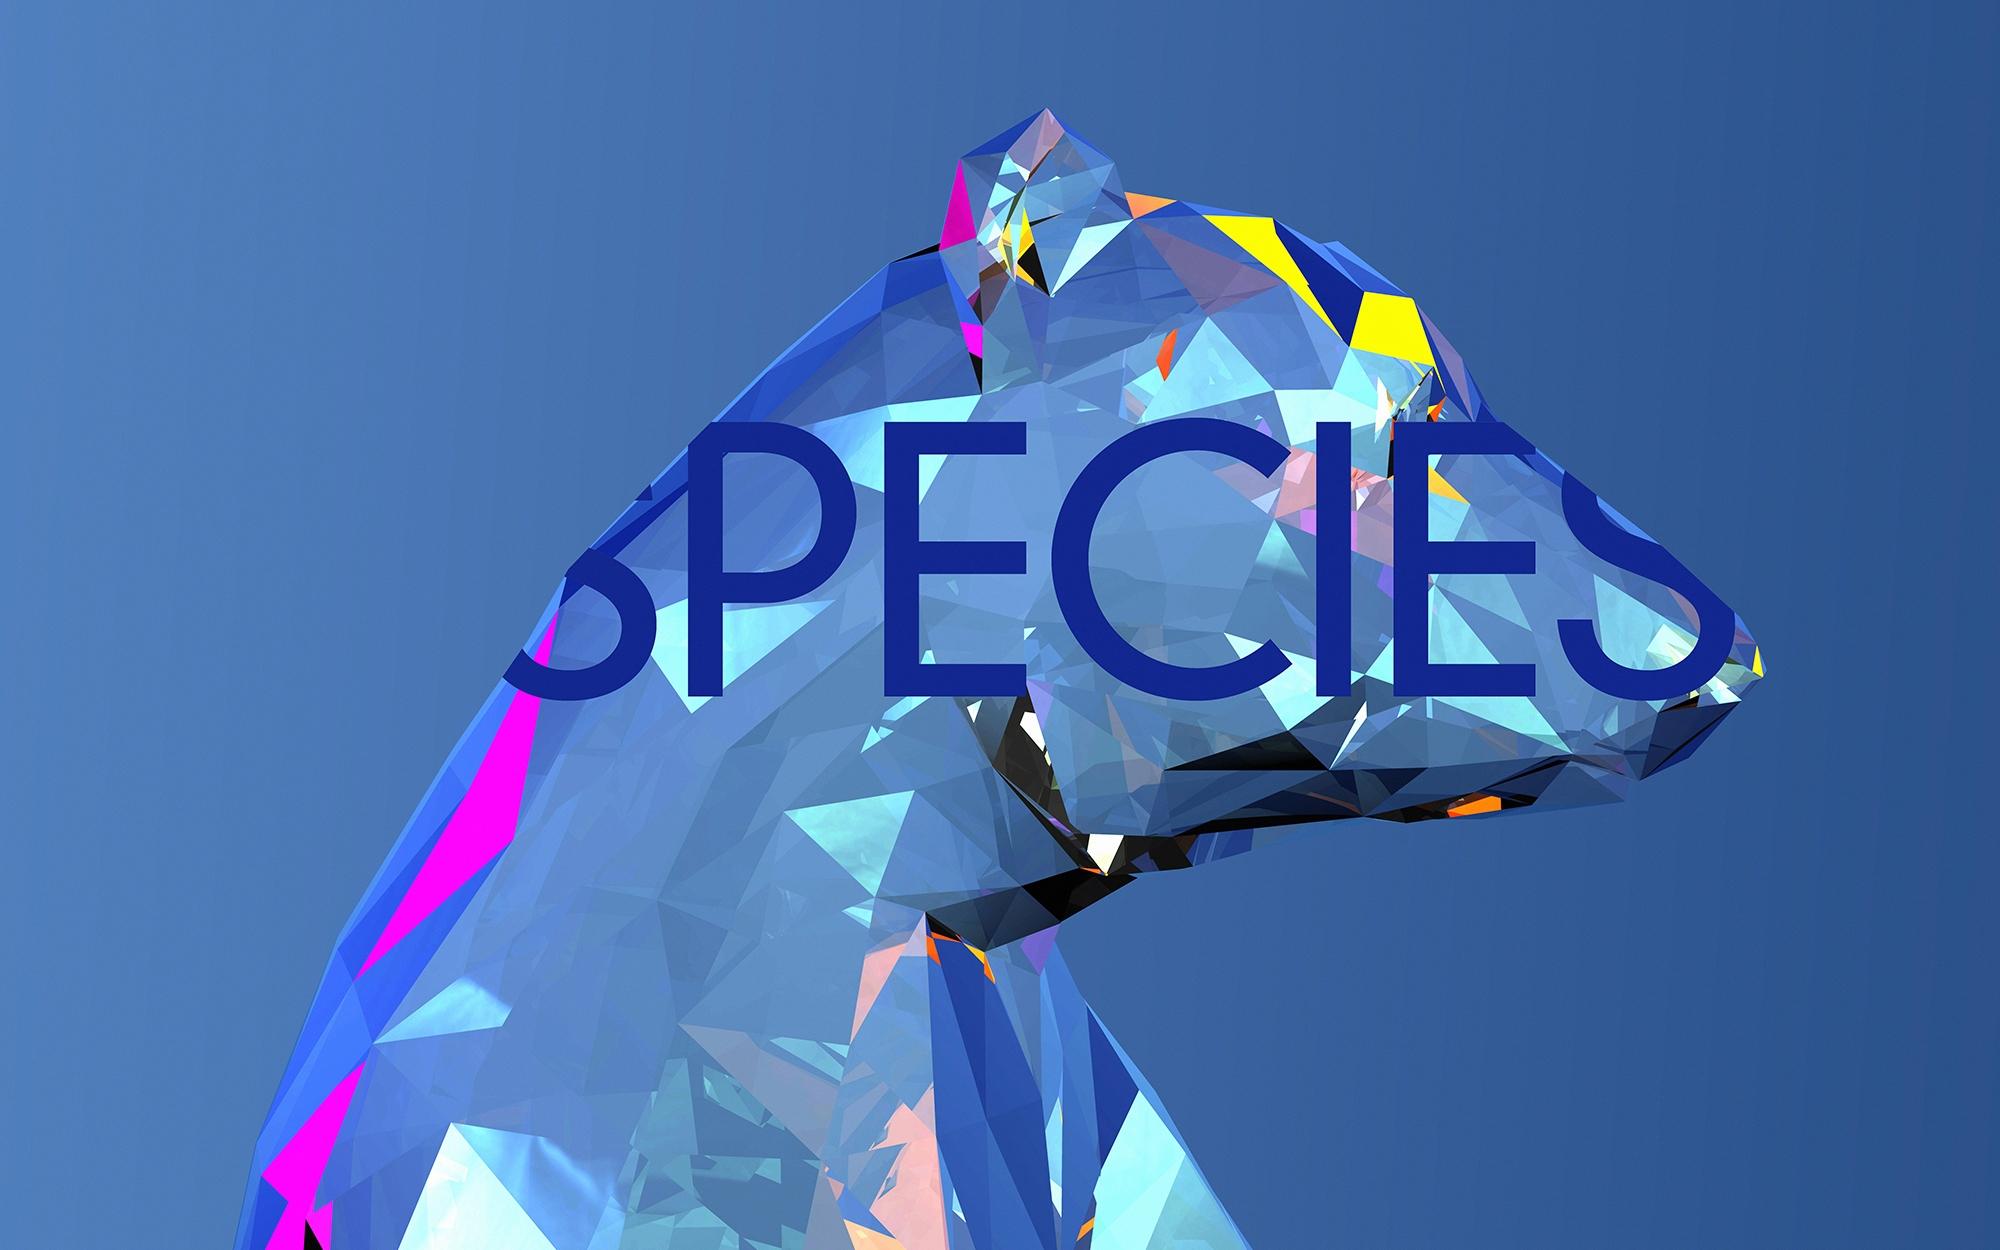 SPECIES NastPlas - nastplas, illustration - nastplas | ello